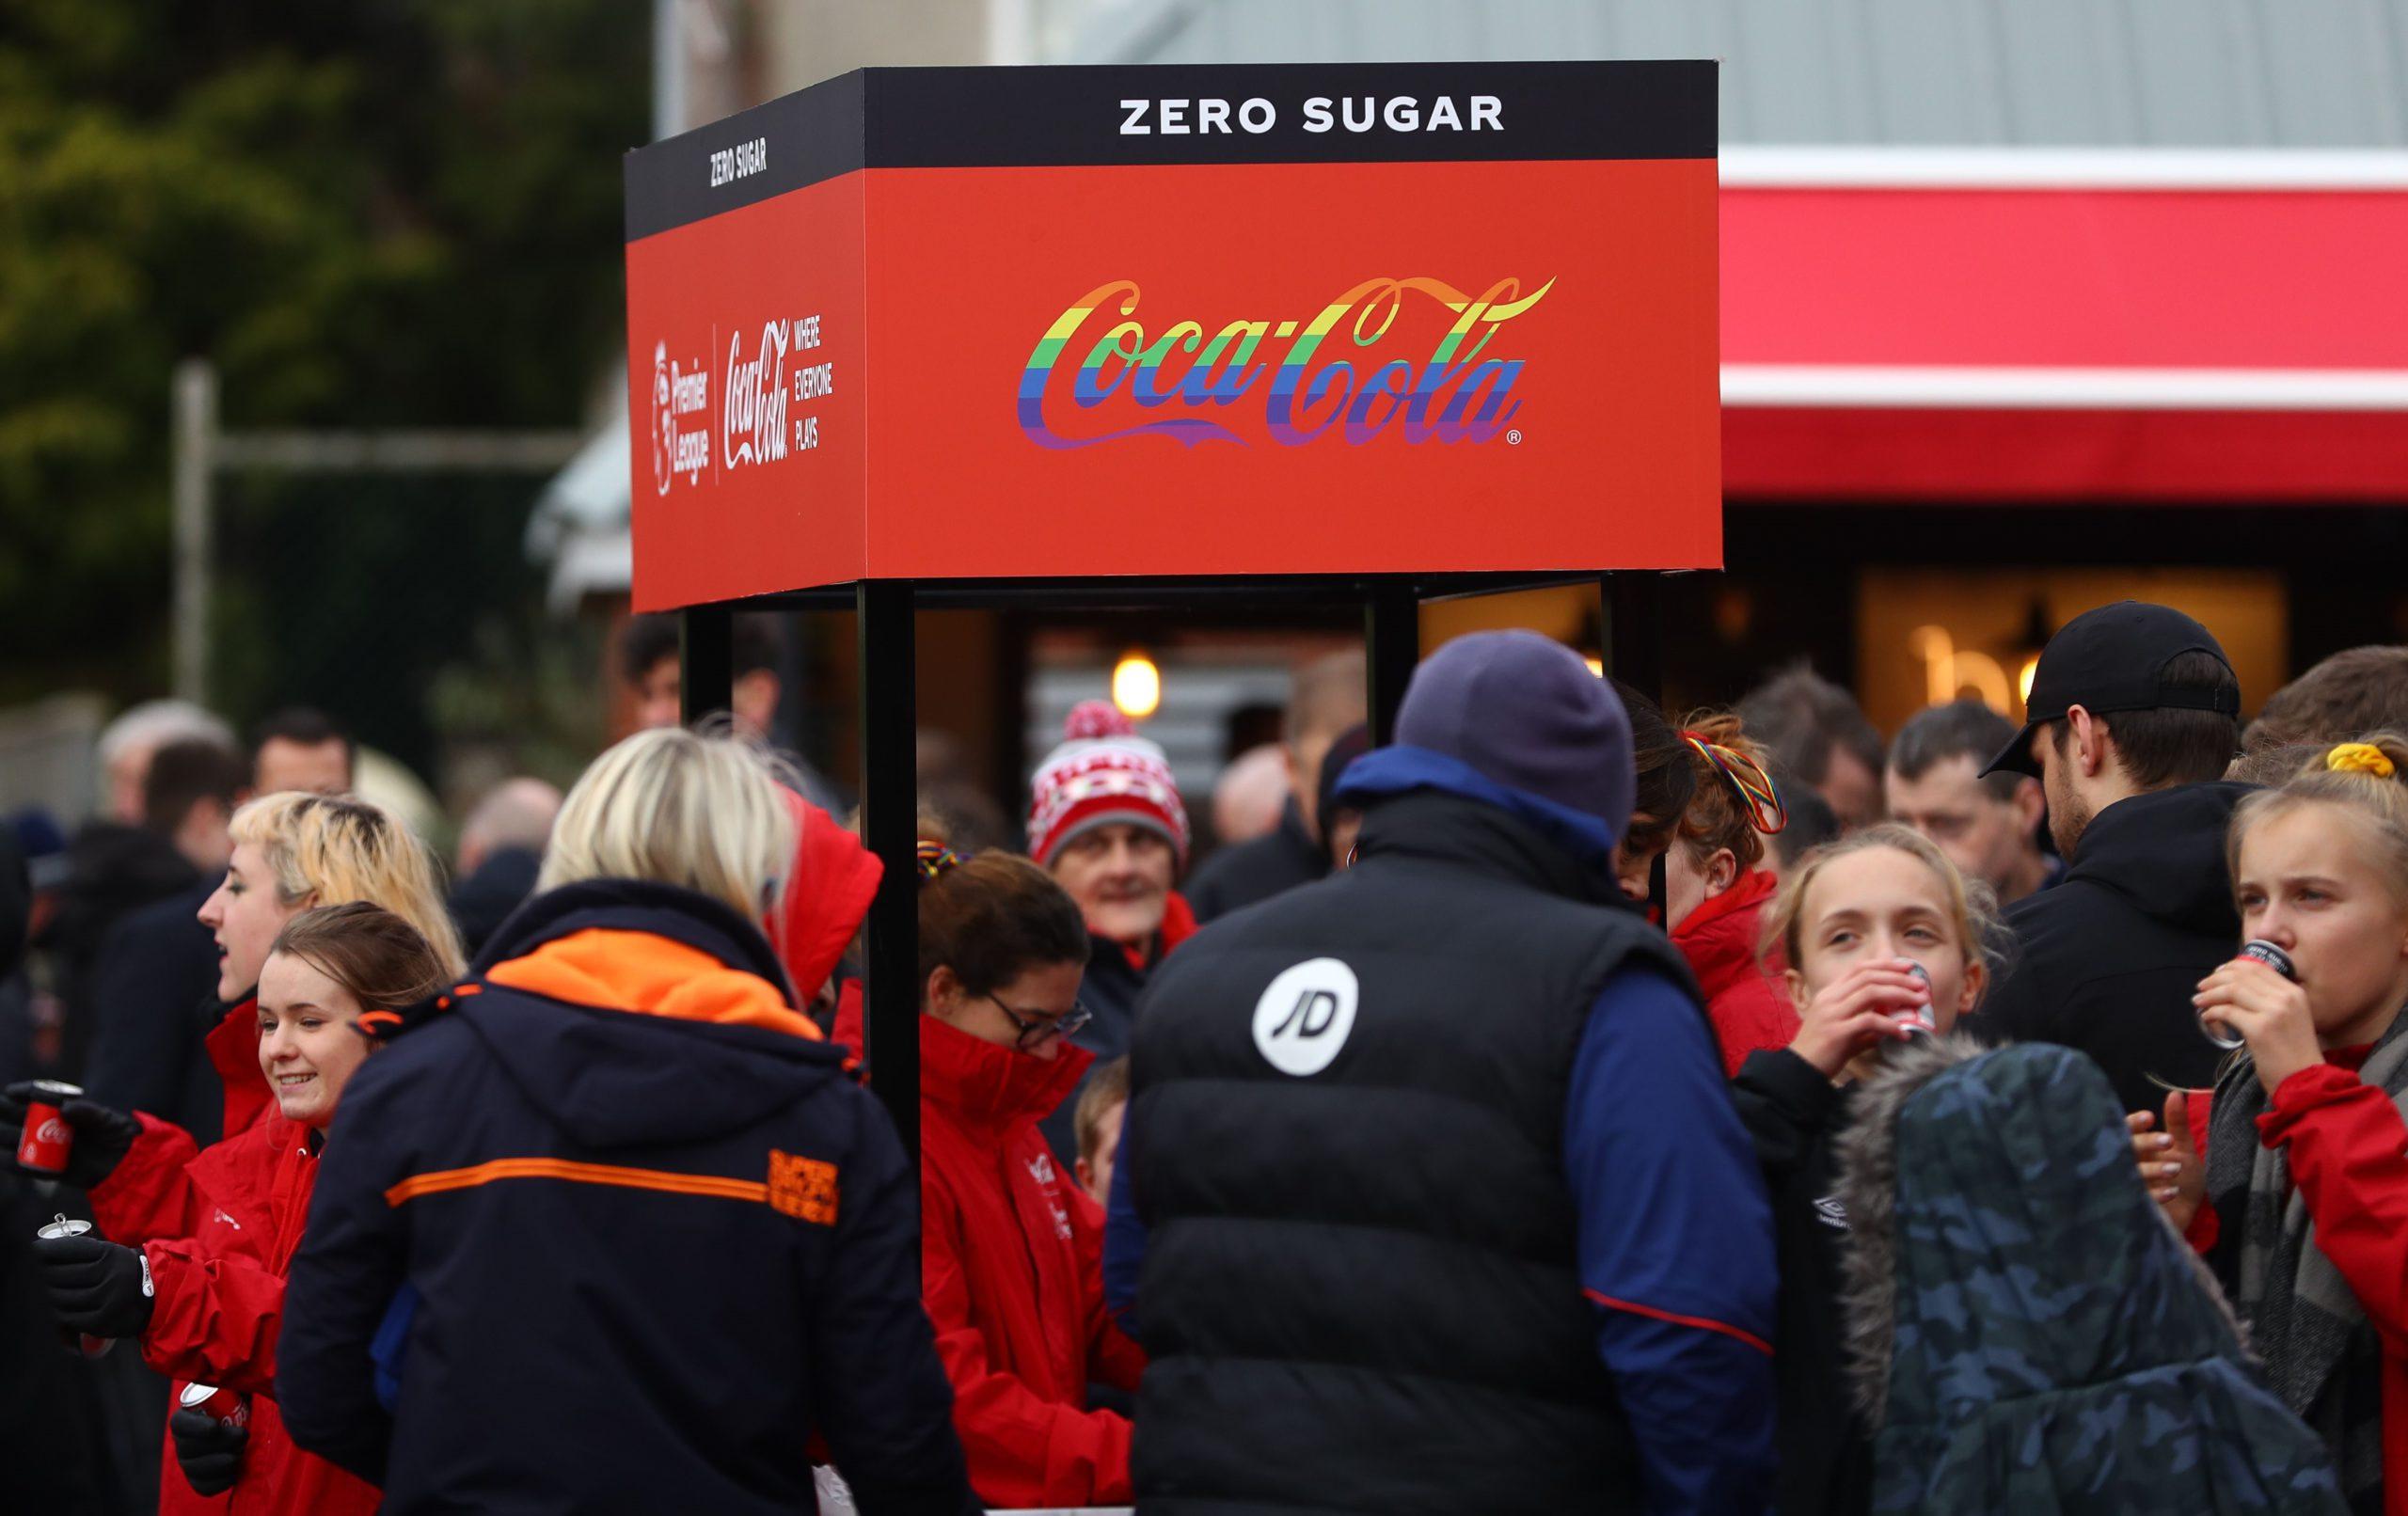 'Holidays are coming' chez Coca-Cola, mais la multinationale devra faire sans une partie de son personnel belge ce mercredi.